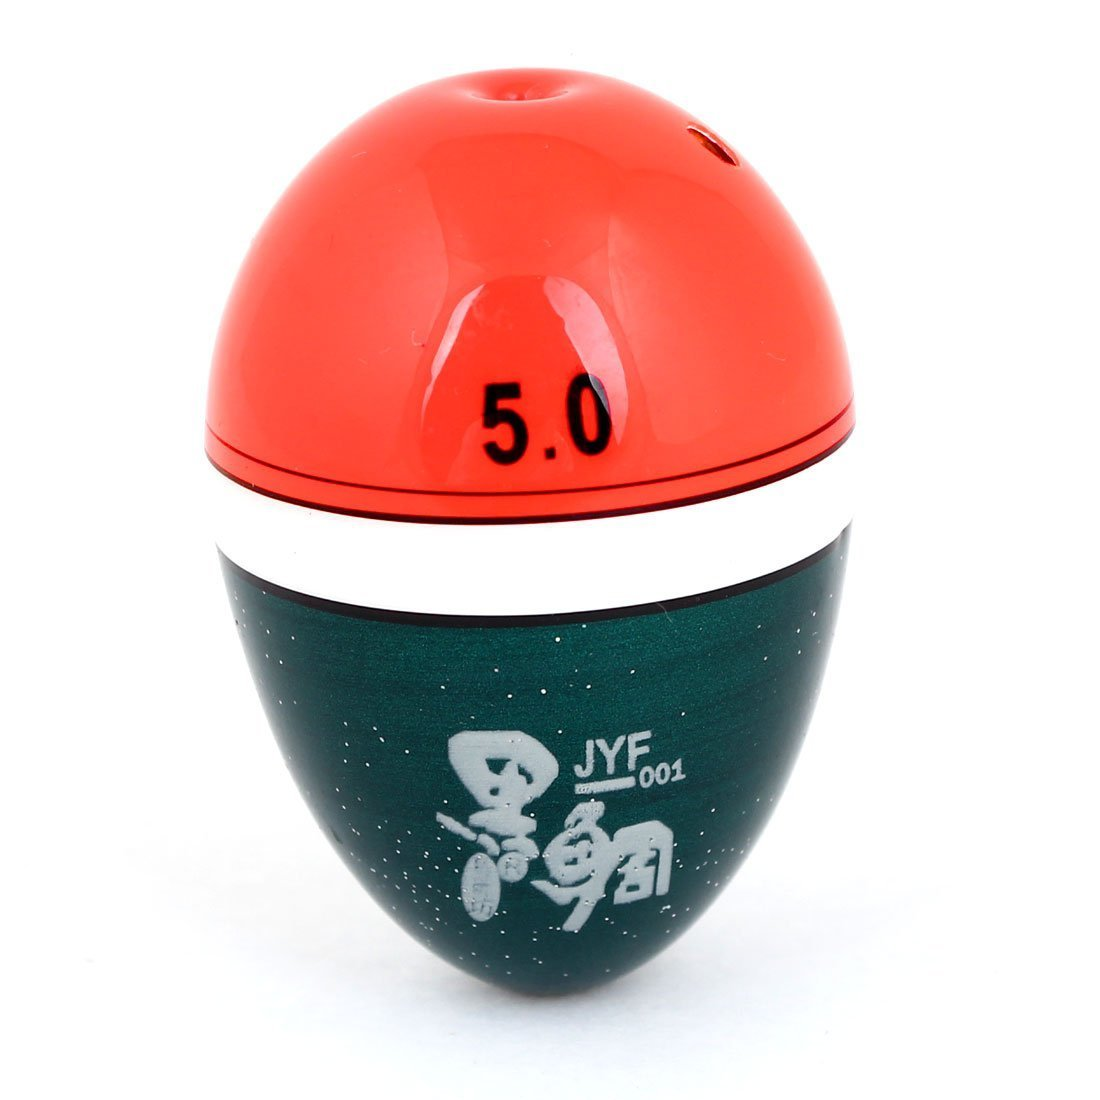 Como 3.8cm x 5.6cm Orange Rouge ovale en plastique flottant de pêche Bobber remplacement